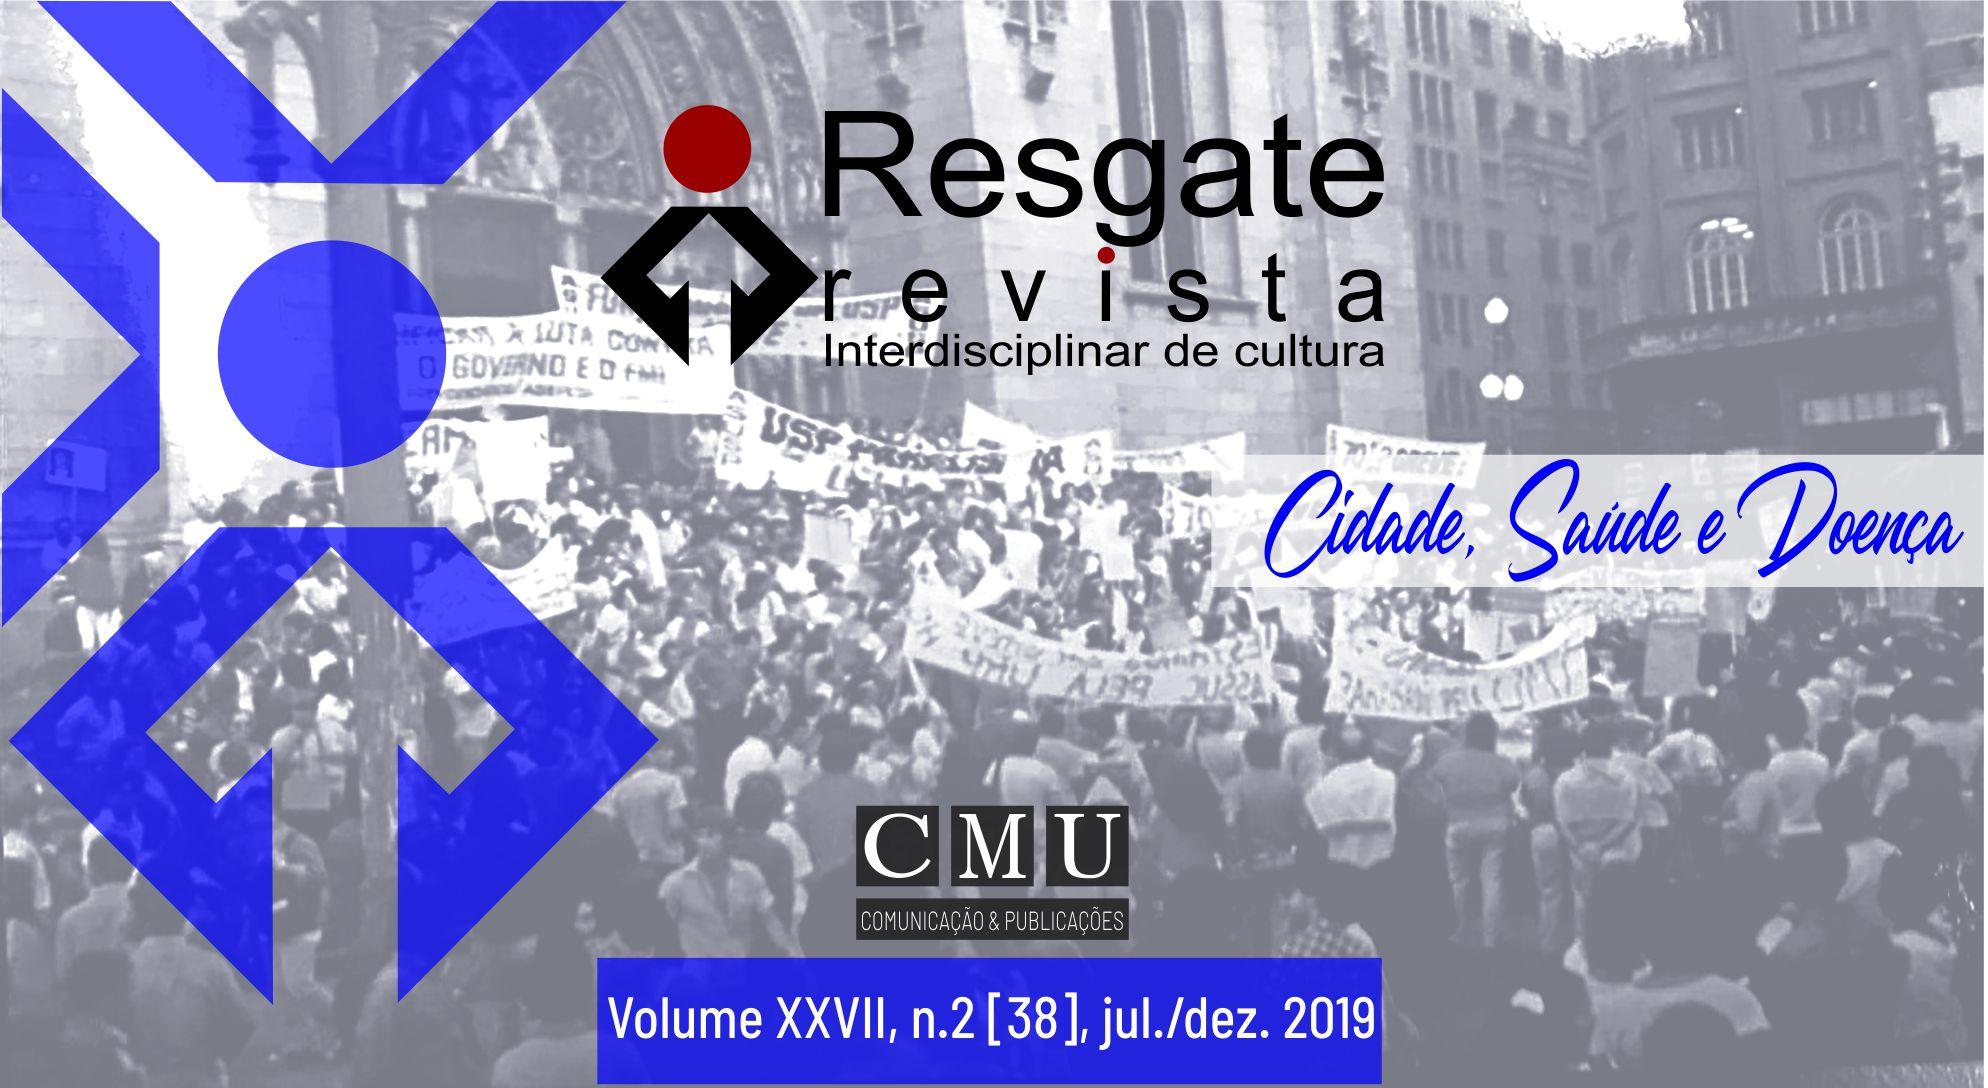 Organização Prof. Dr. André Motta (FM-USP) e Prof. Dr. Fábio de Oliveira Almeida (UFSCar)